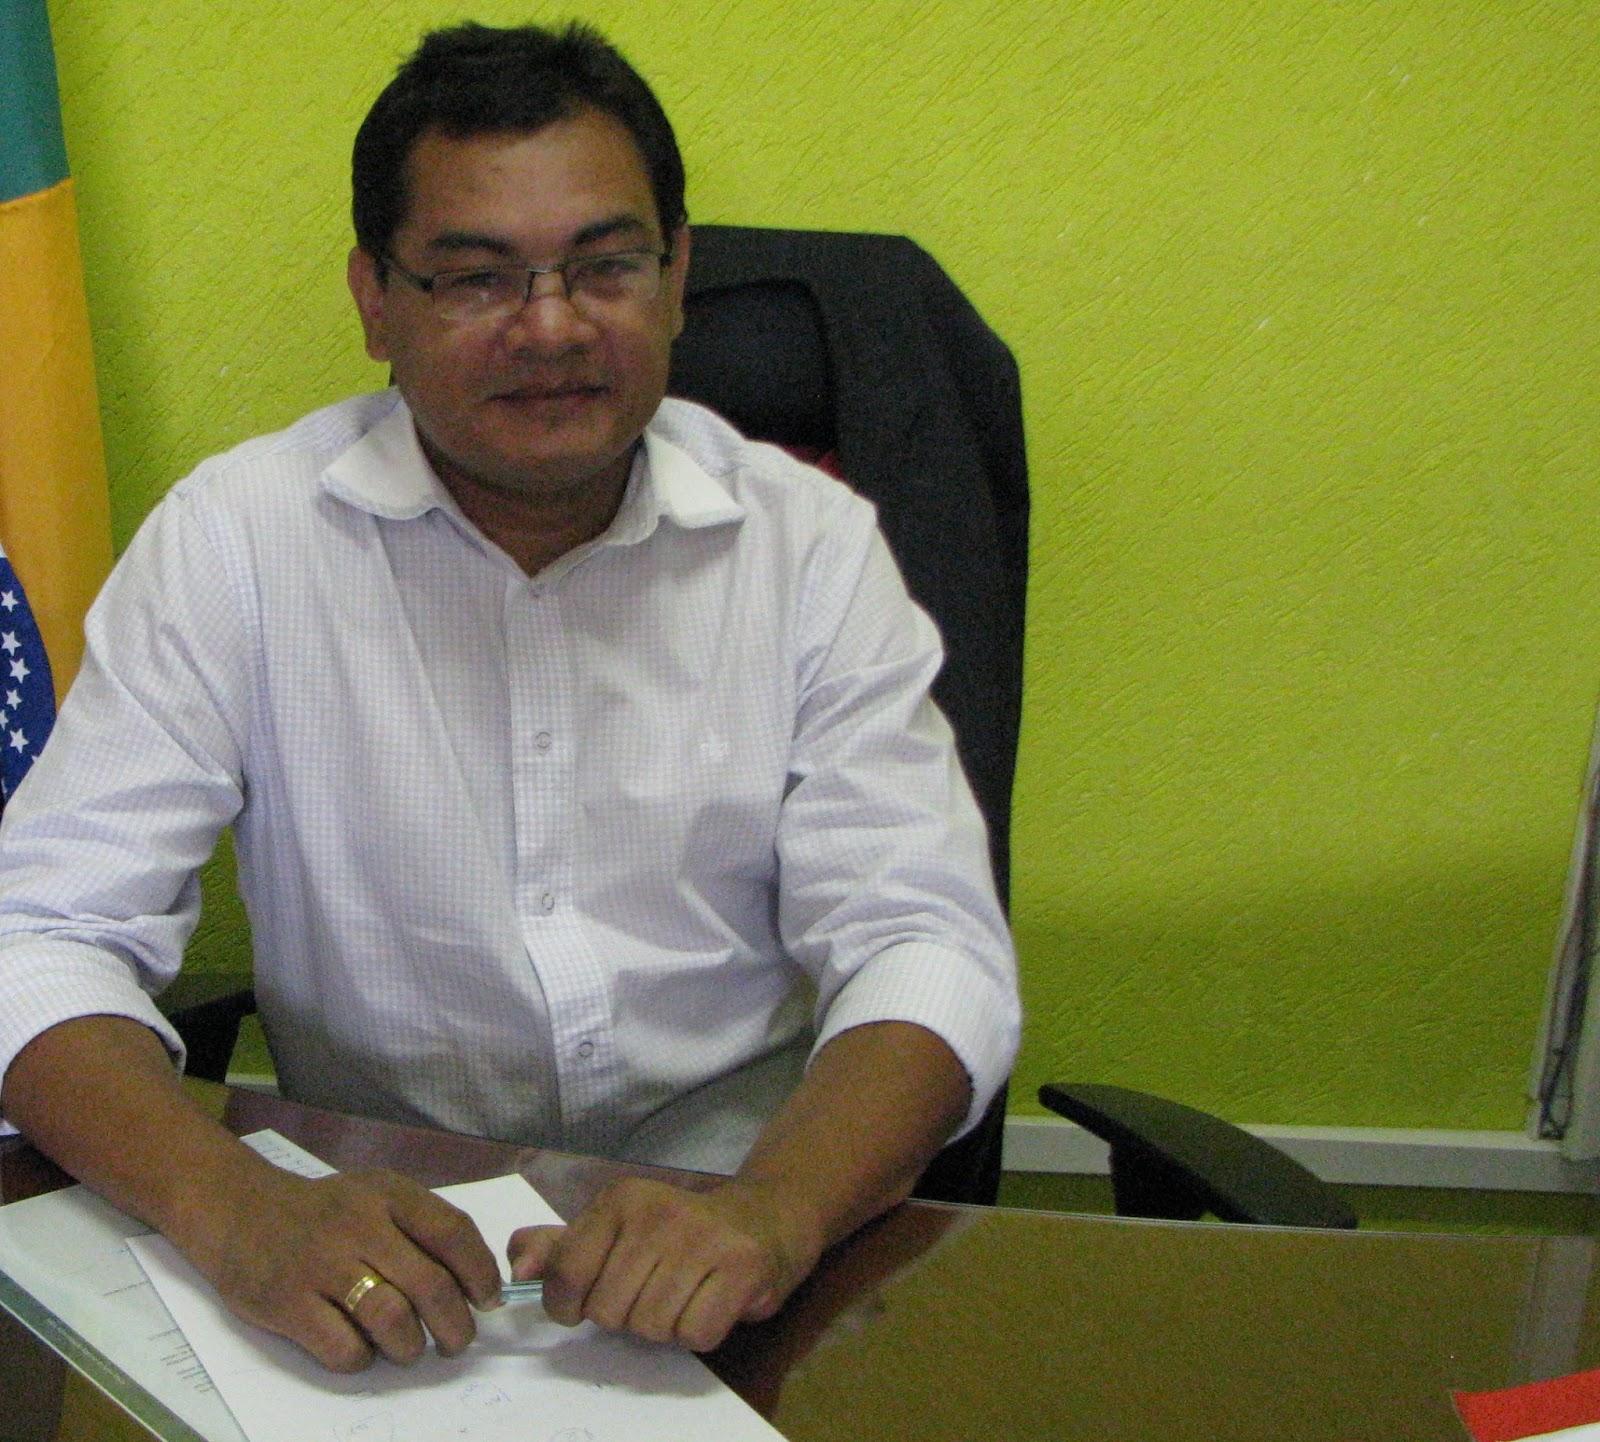 Resultado de imagem para Federação Brasiliense de Futebol presidente da federação, Erivaldo Alves Pereira,   df